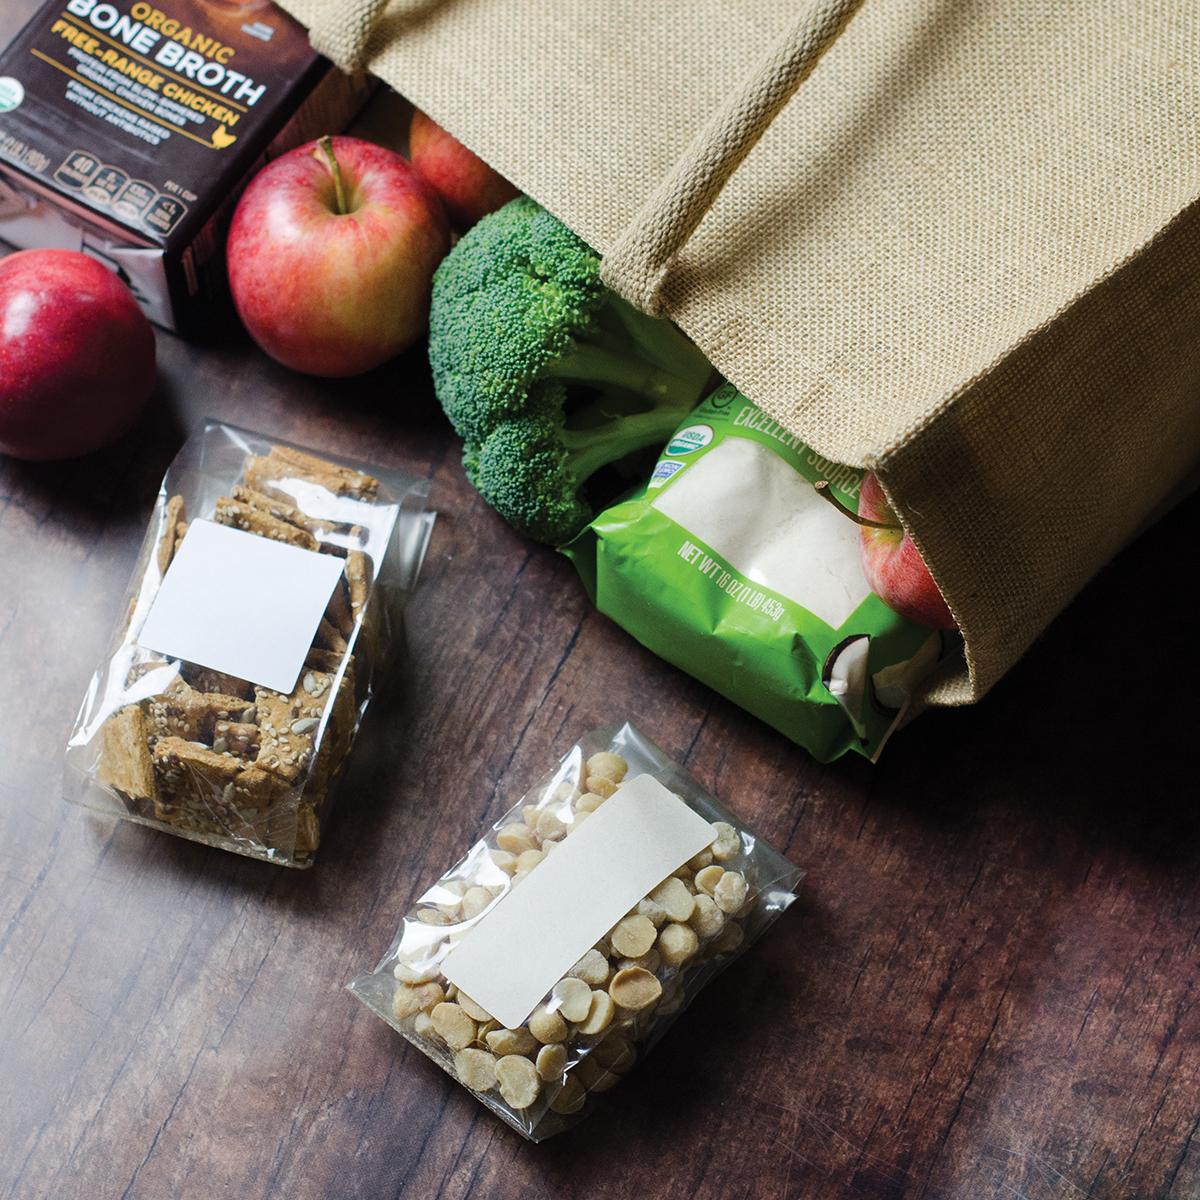 Non-GMO cellophane bags